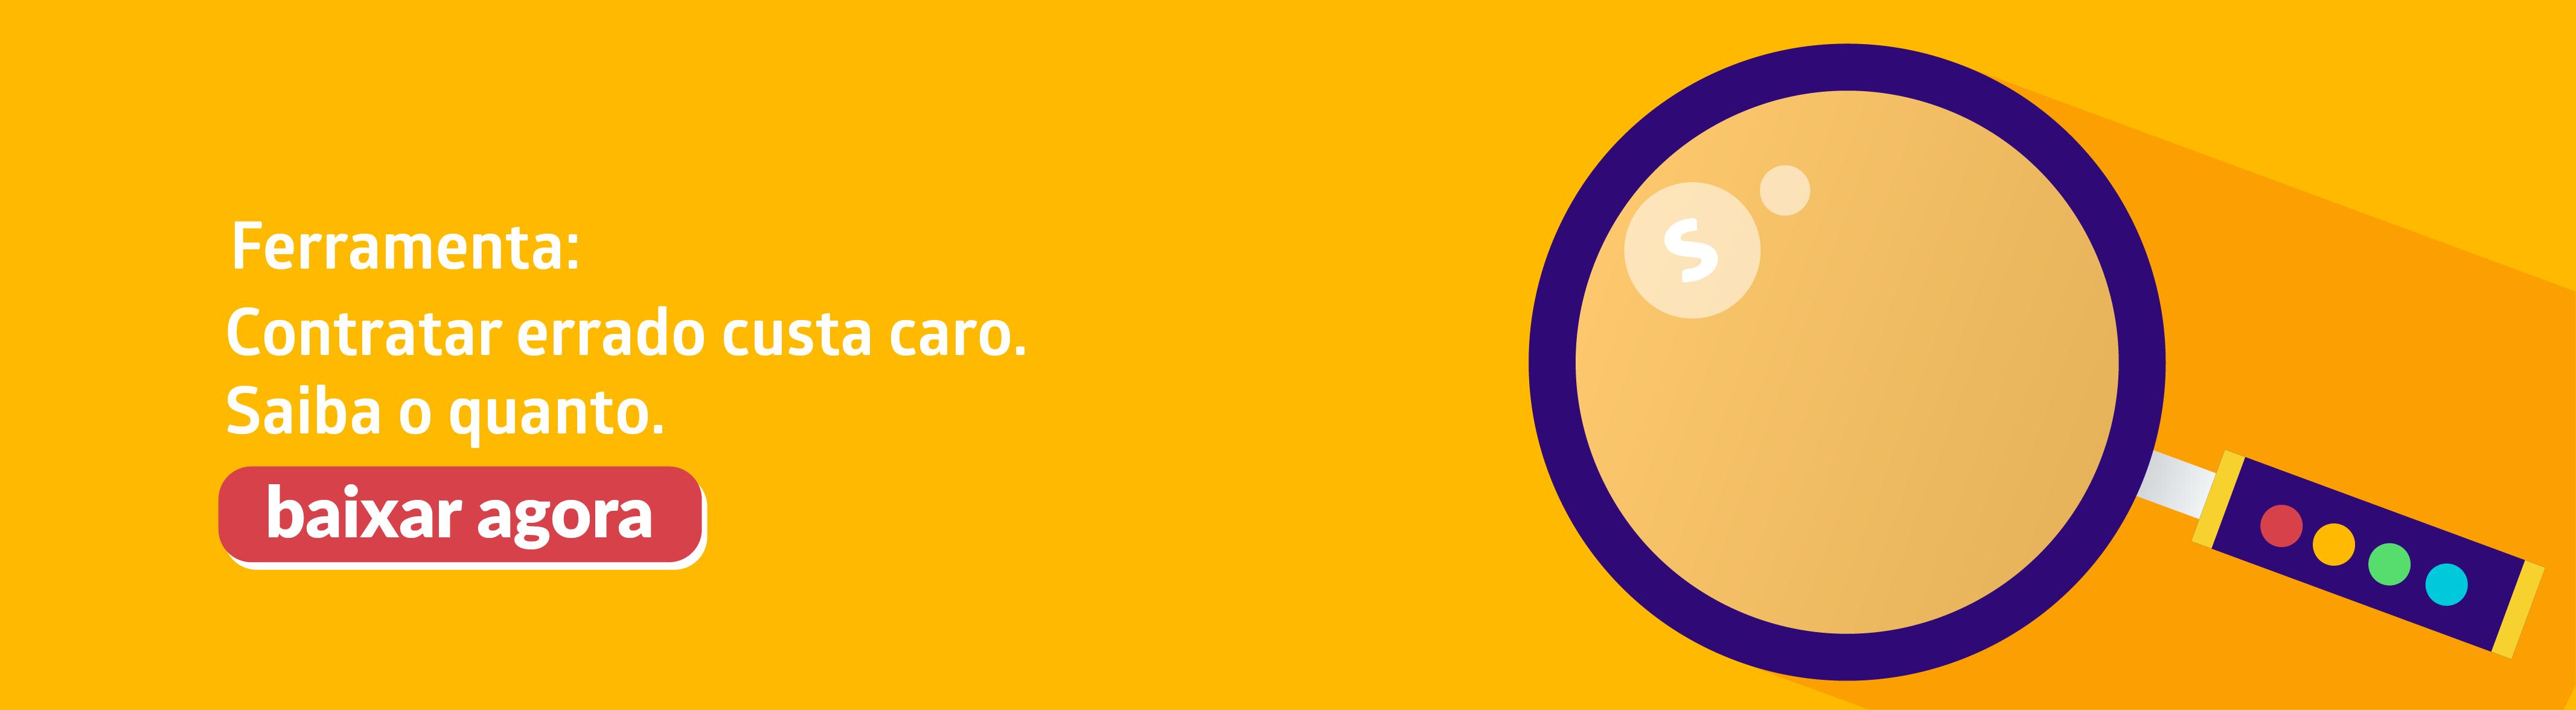 Banner_Ferramenta_Contratar_Errado_Custa_Caro